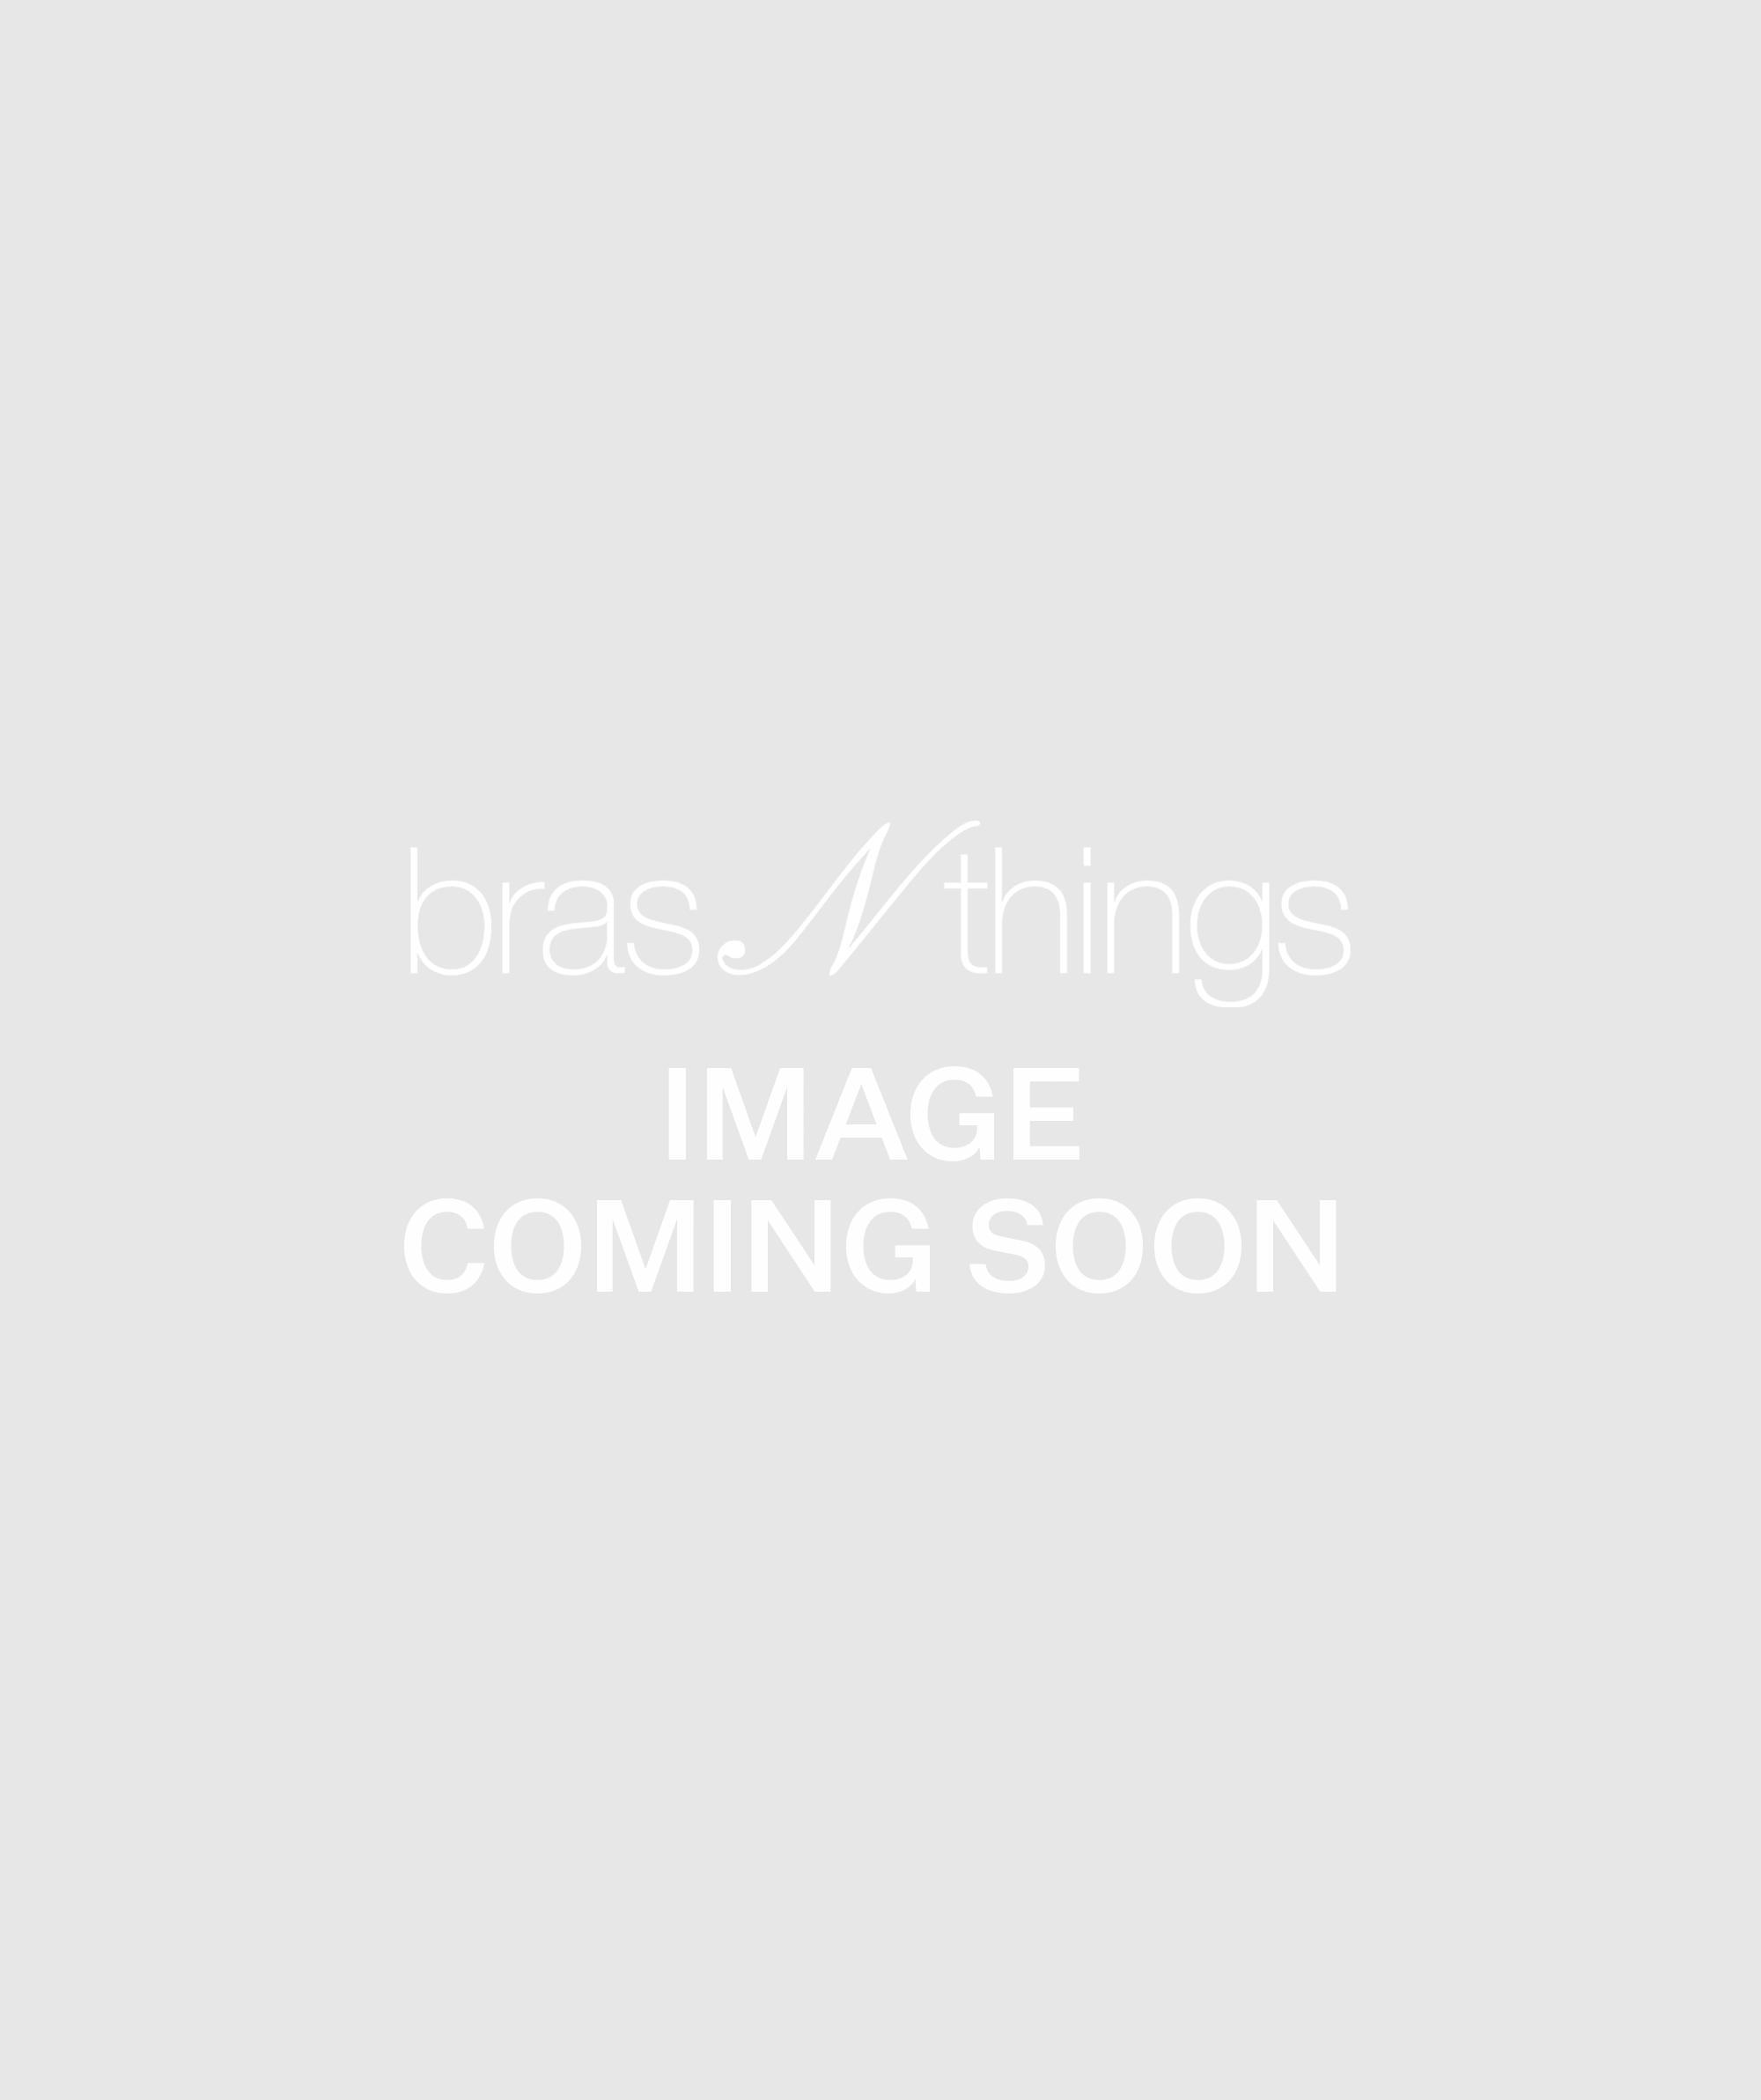 Pleat Retro V String Knicker - White